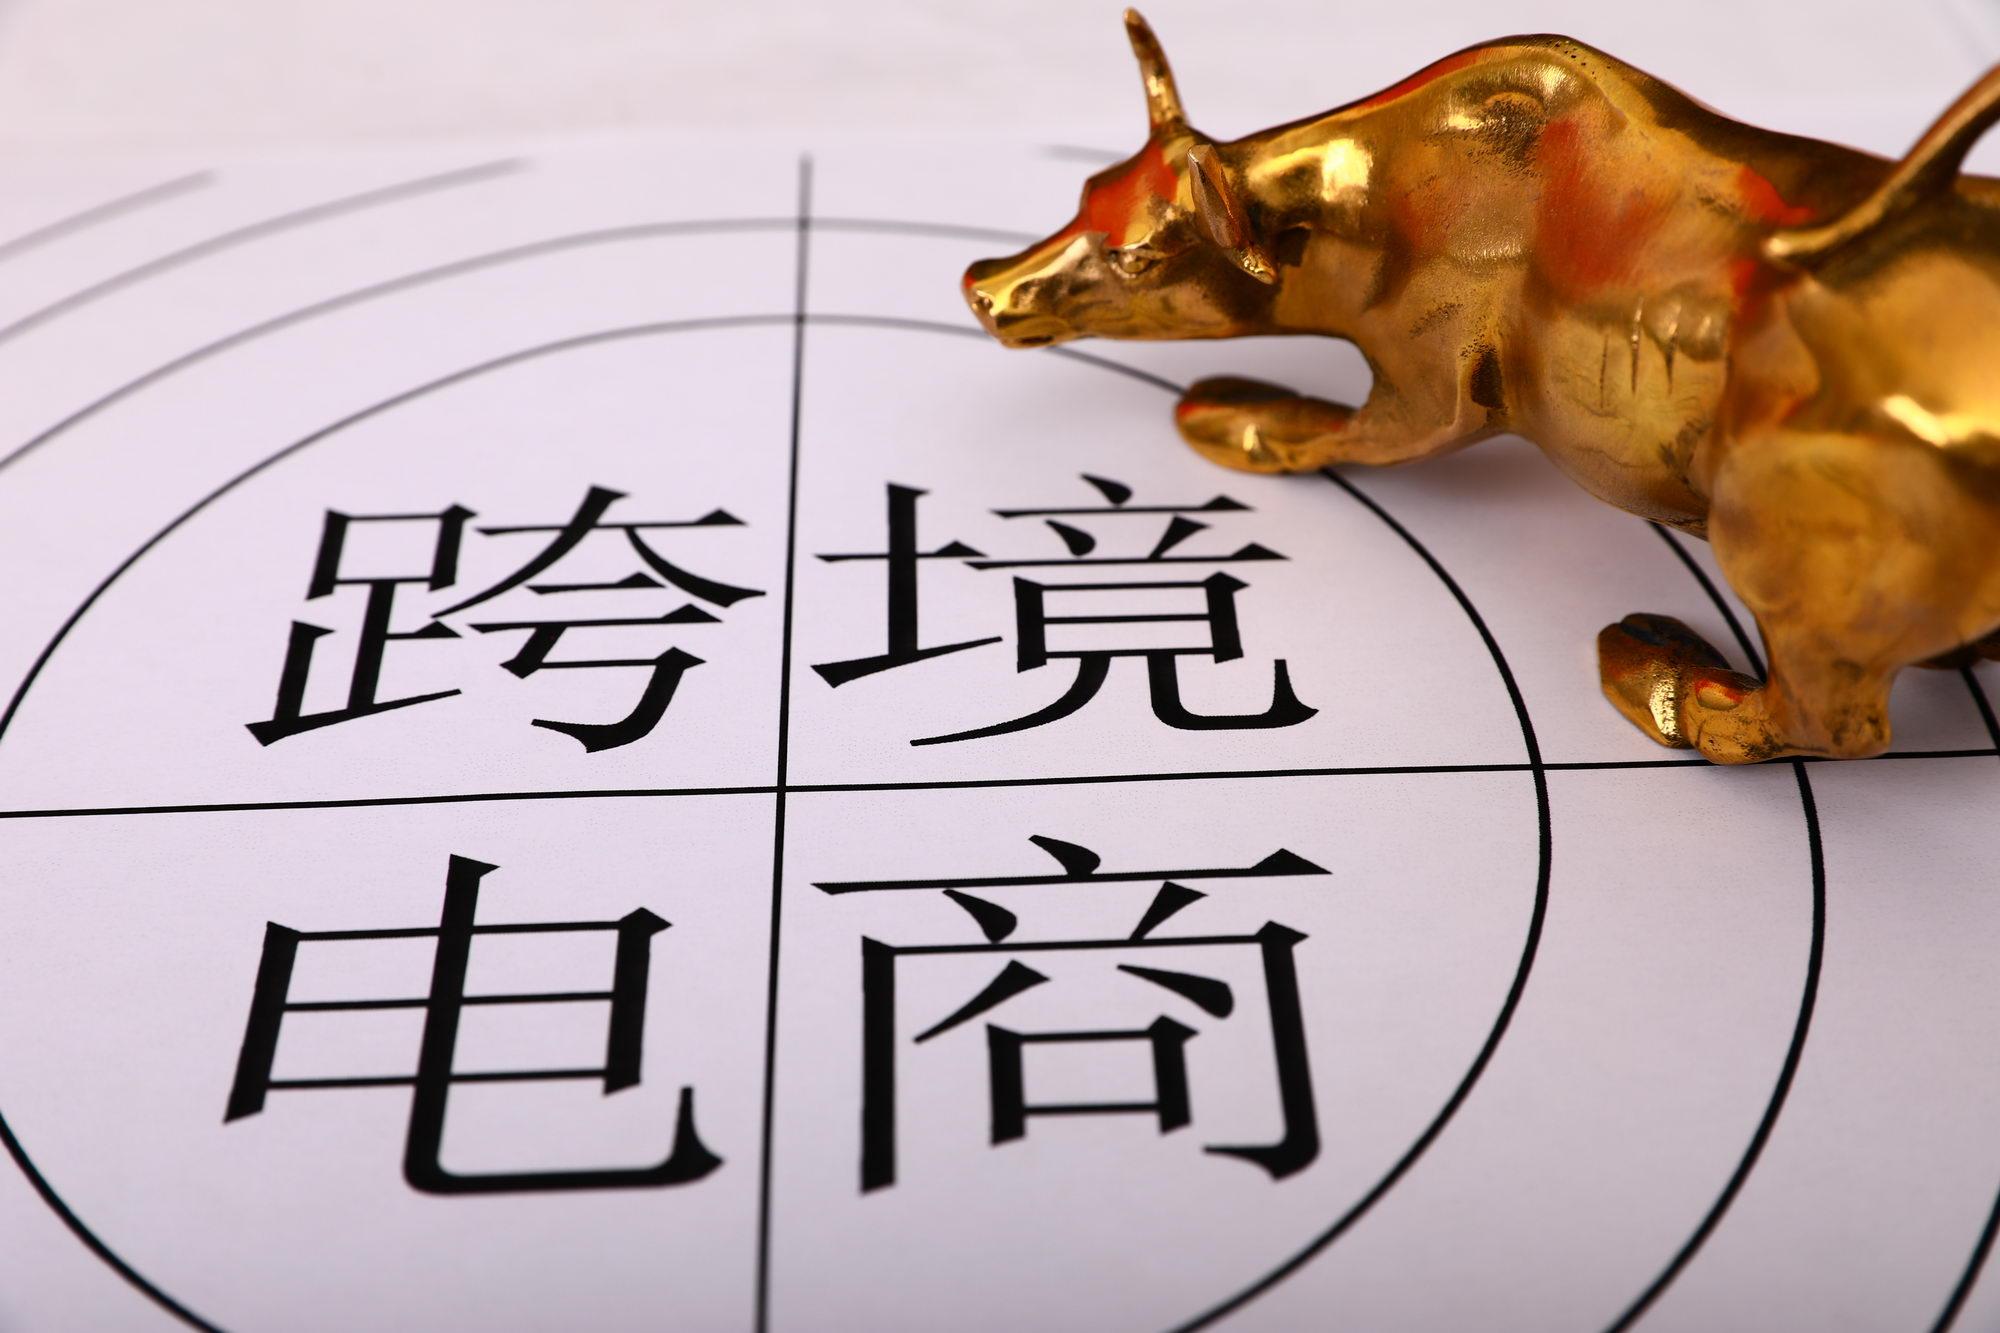 近三年来中国跨境电商零售规模年均增速高达56%_跨境电商_电商报